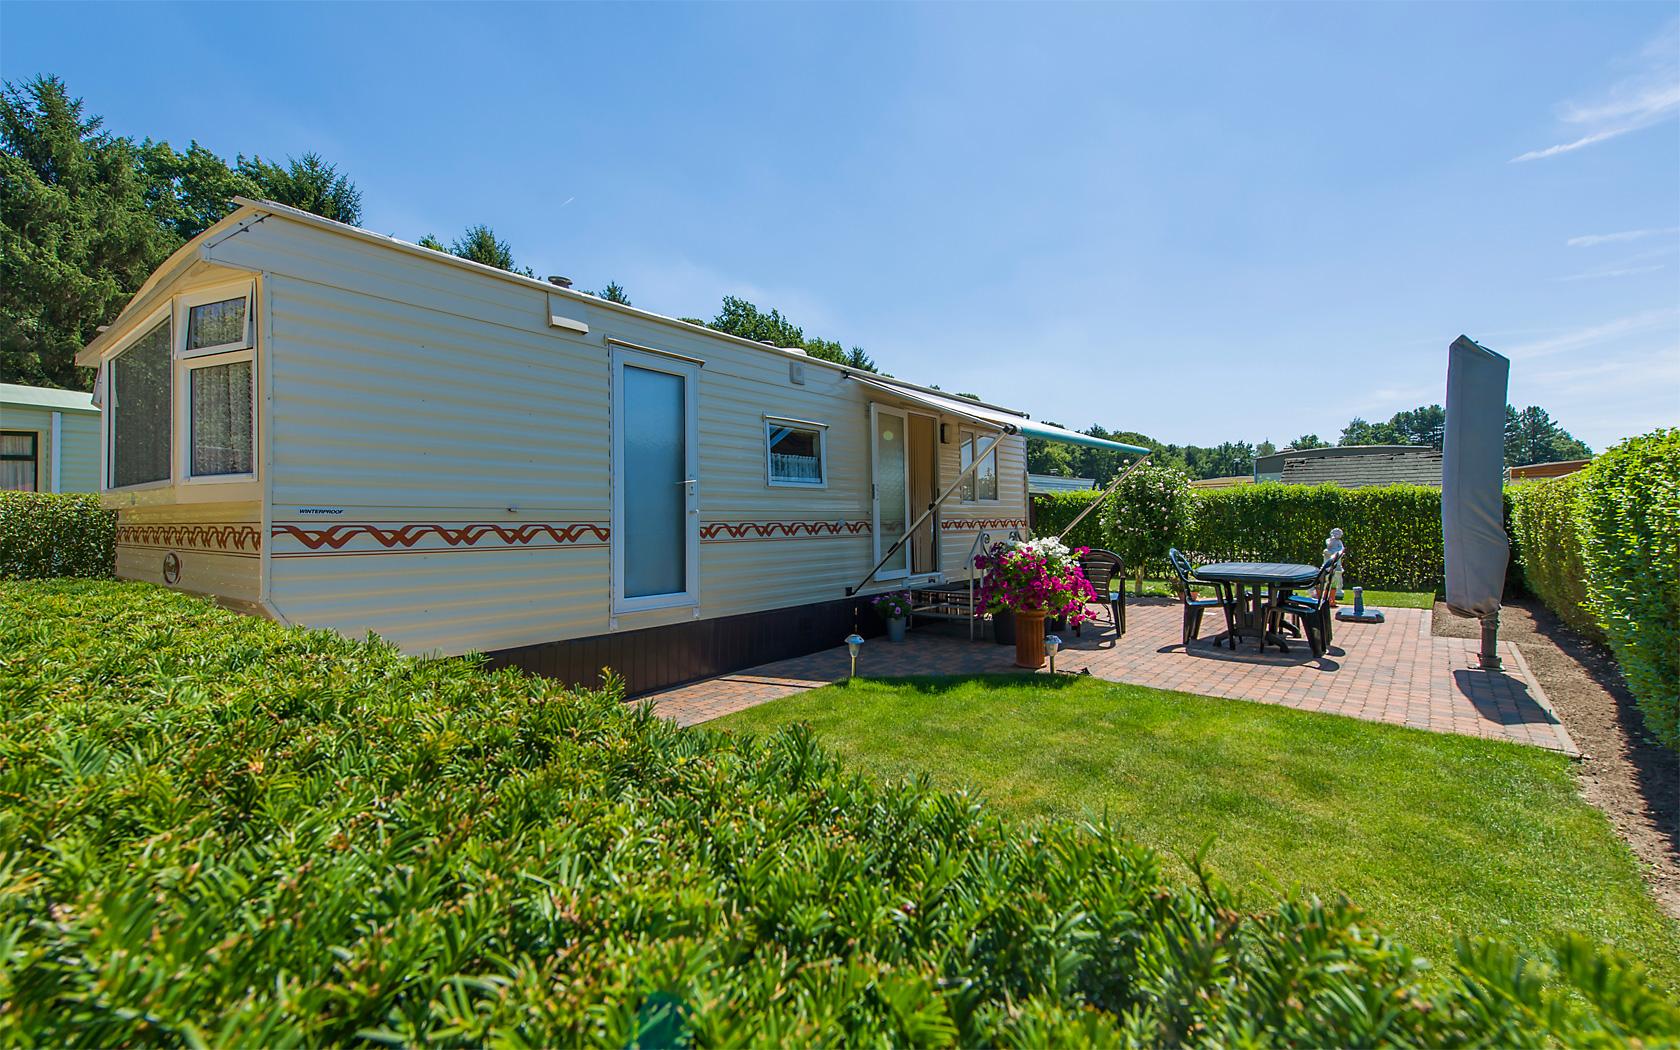 Camping-Heultje-in-Westerlo_DSC3967_20150803